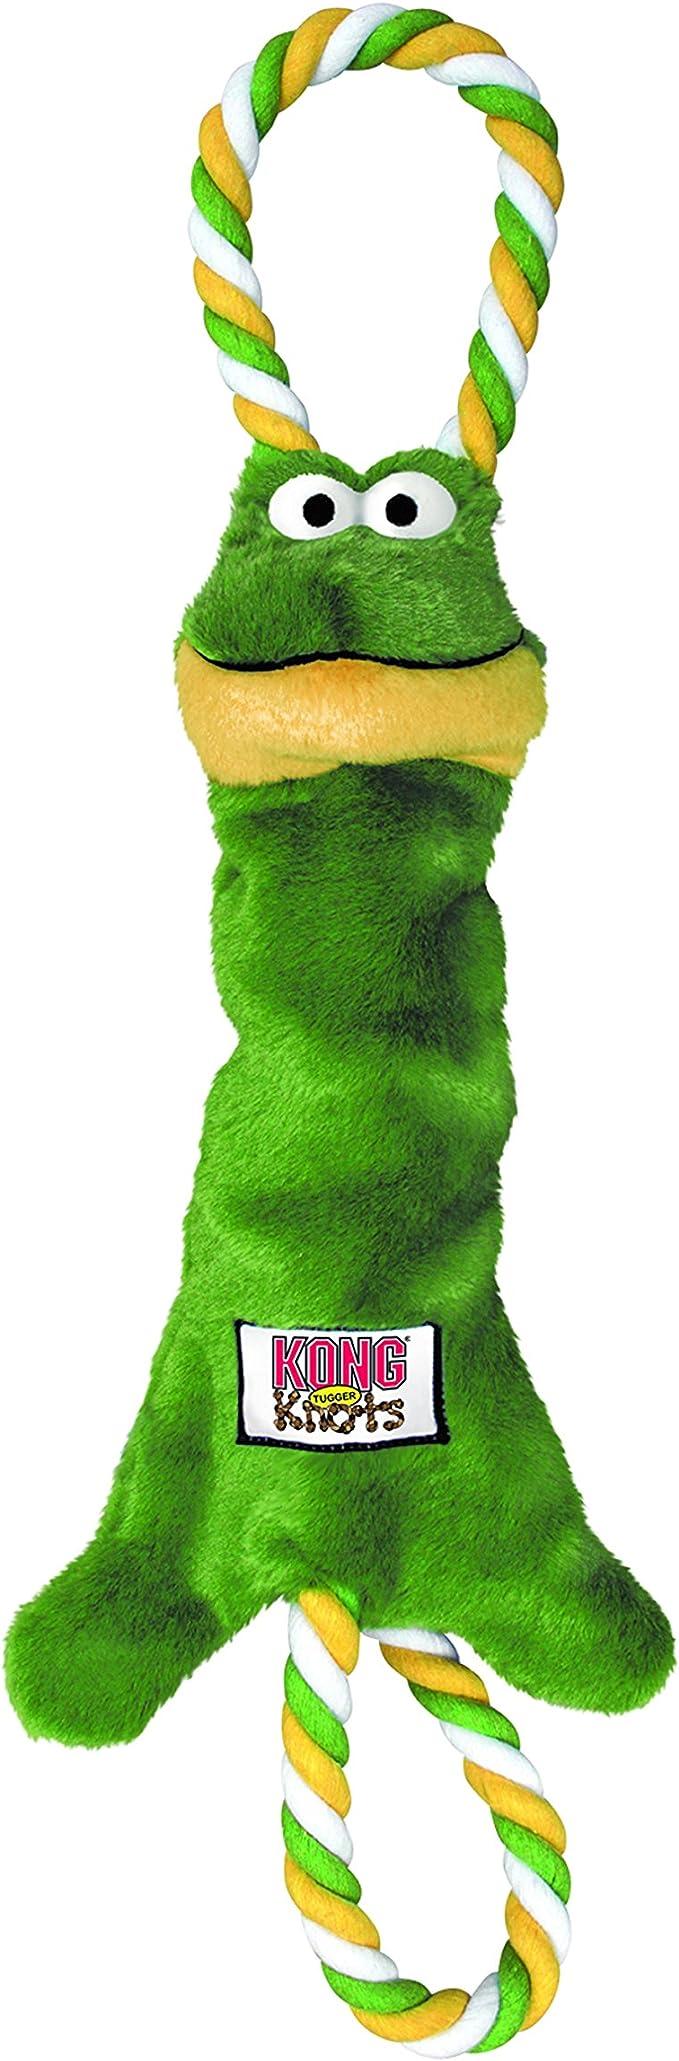 KONG - Tugger Knots Frog - Juguete para Estirar, con Poco Relleno ...